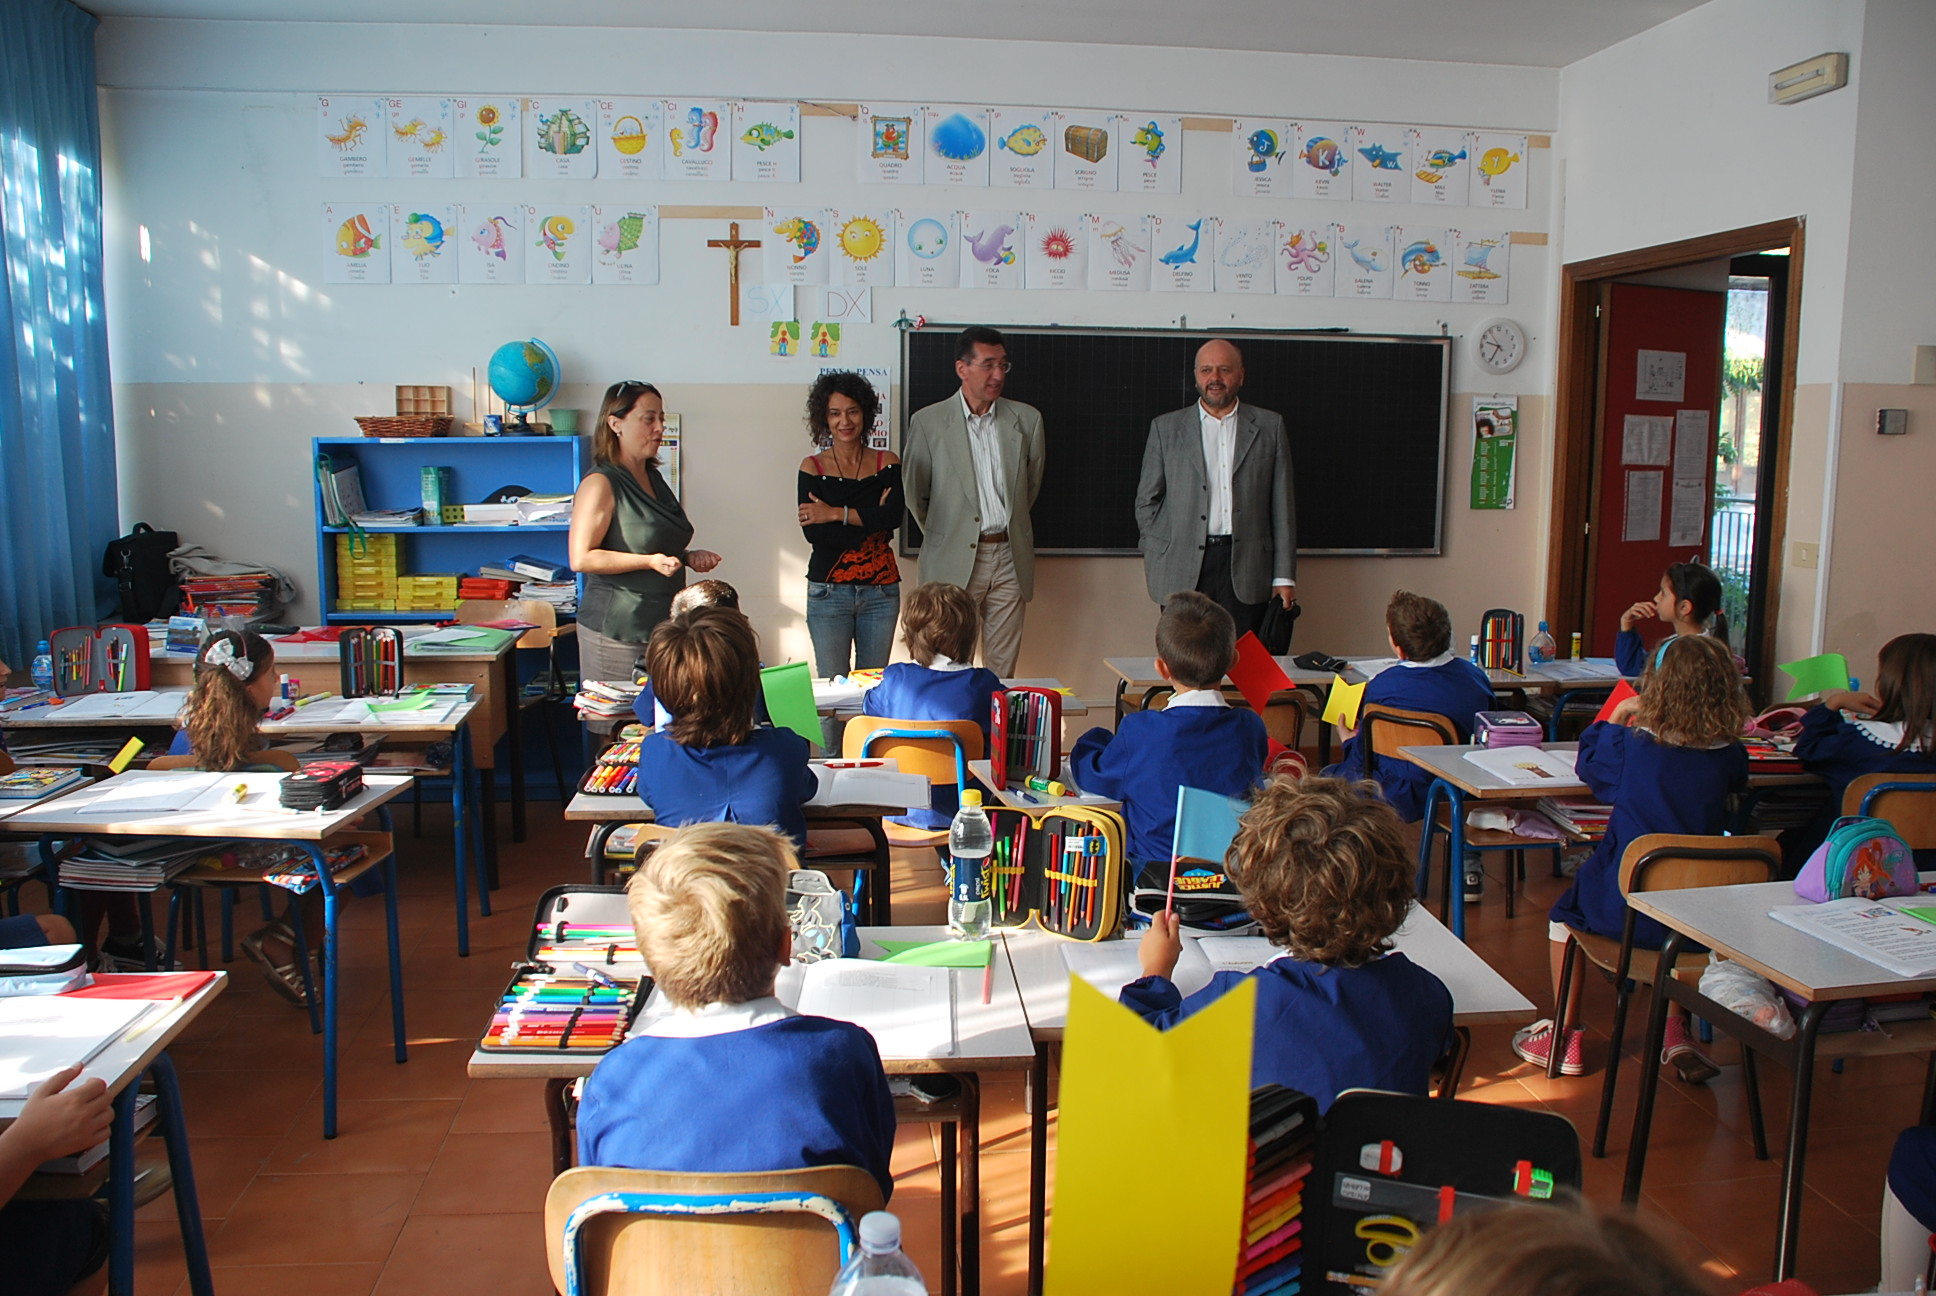 Visita alla scuola Nicola Miscia